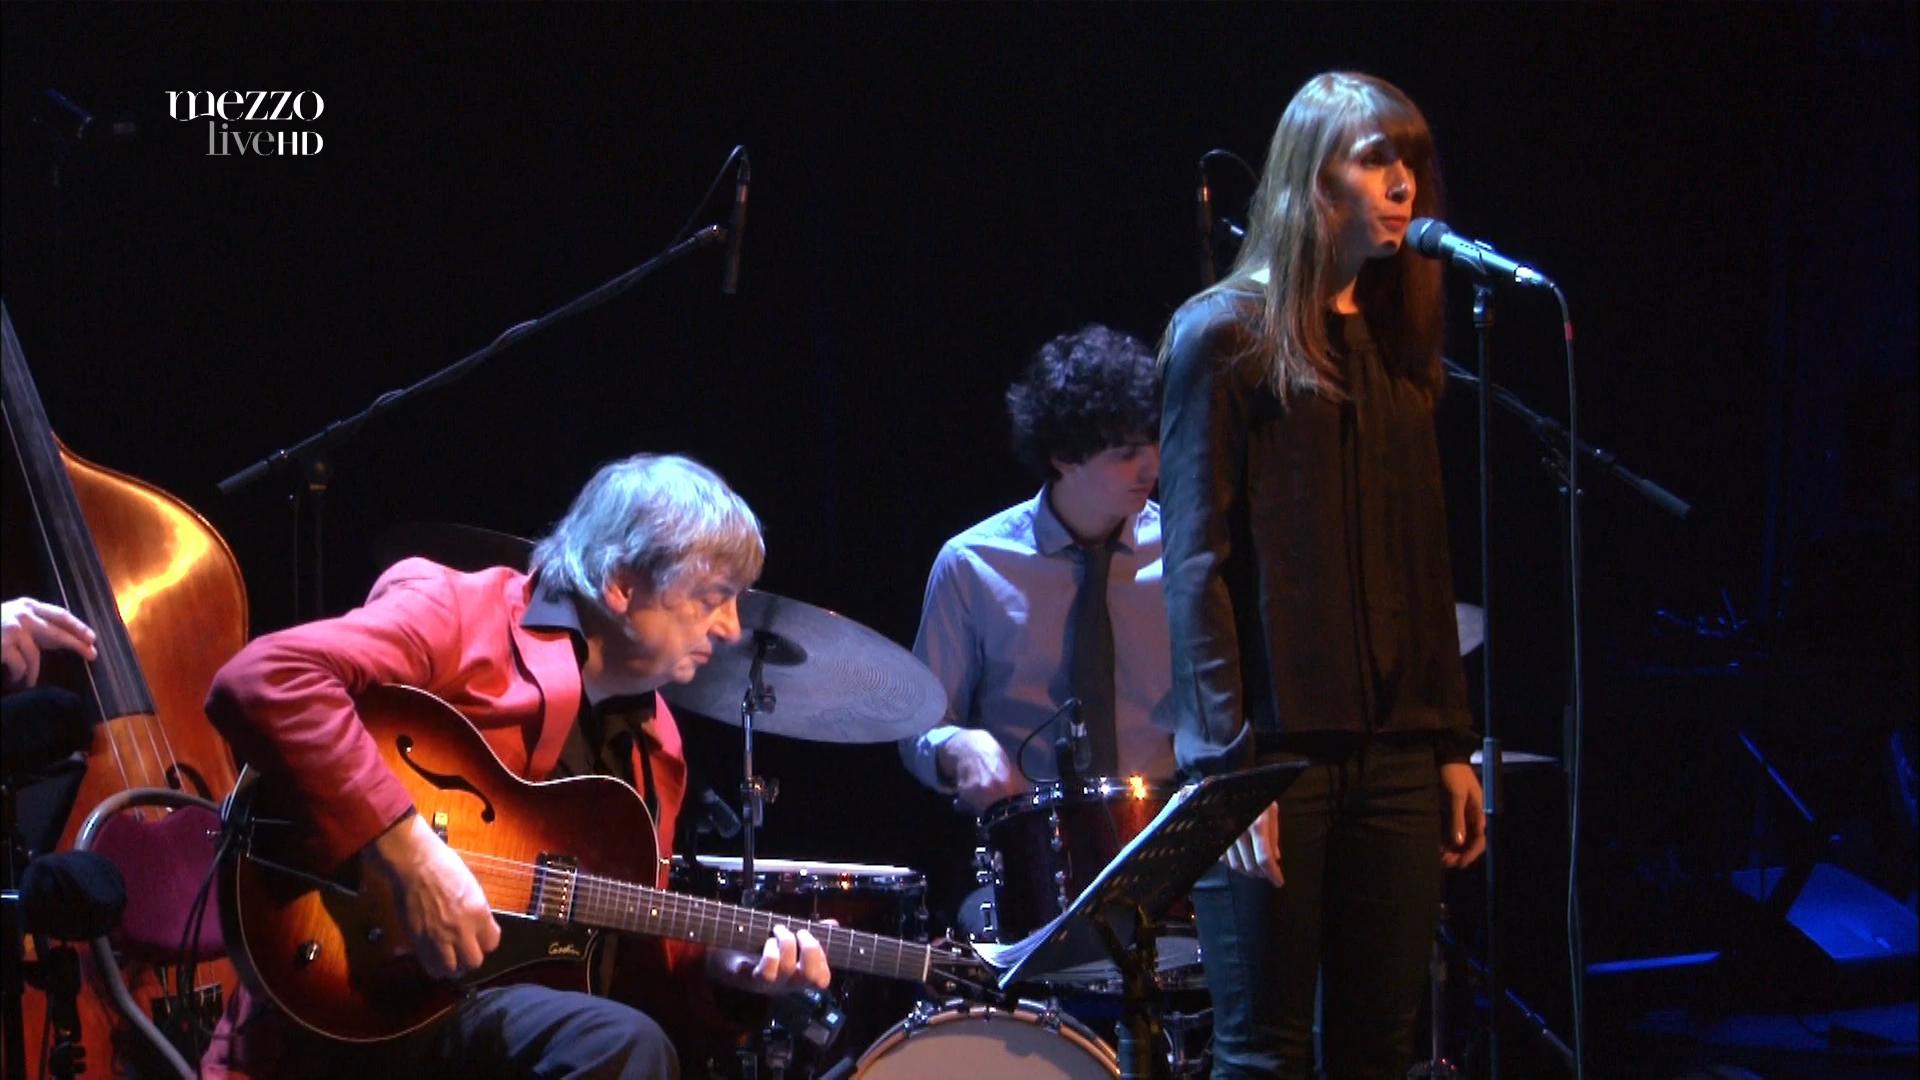 2012 Philip Catherine - 70th Birthday Tour - Skoda Jazz Festival [HDTV 1080i] 9